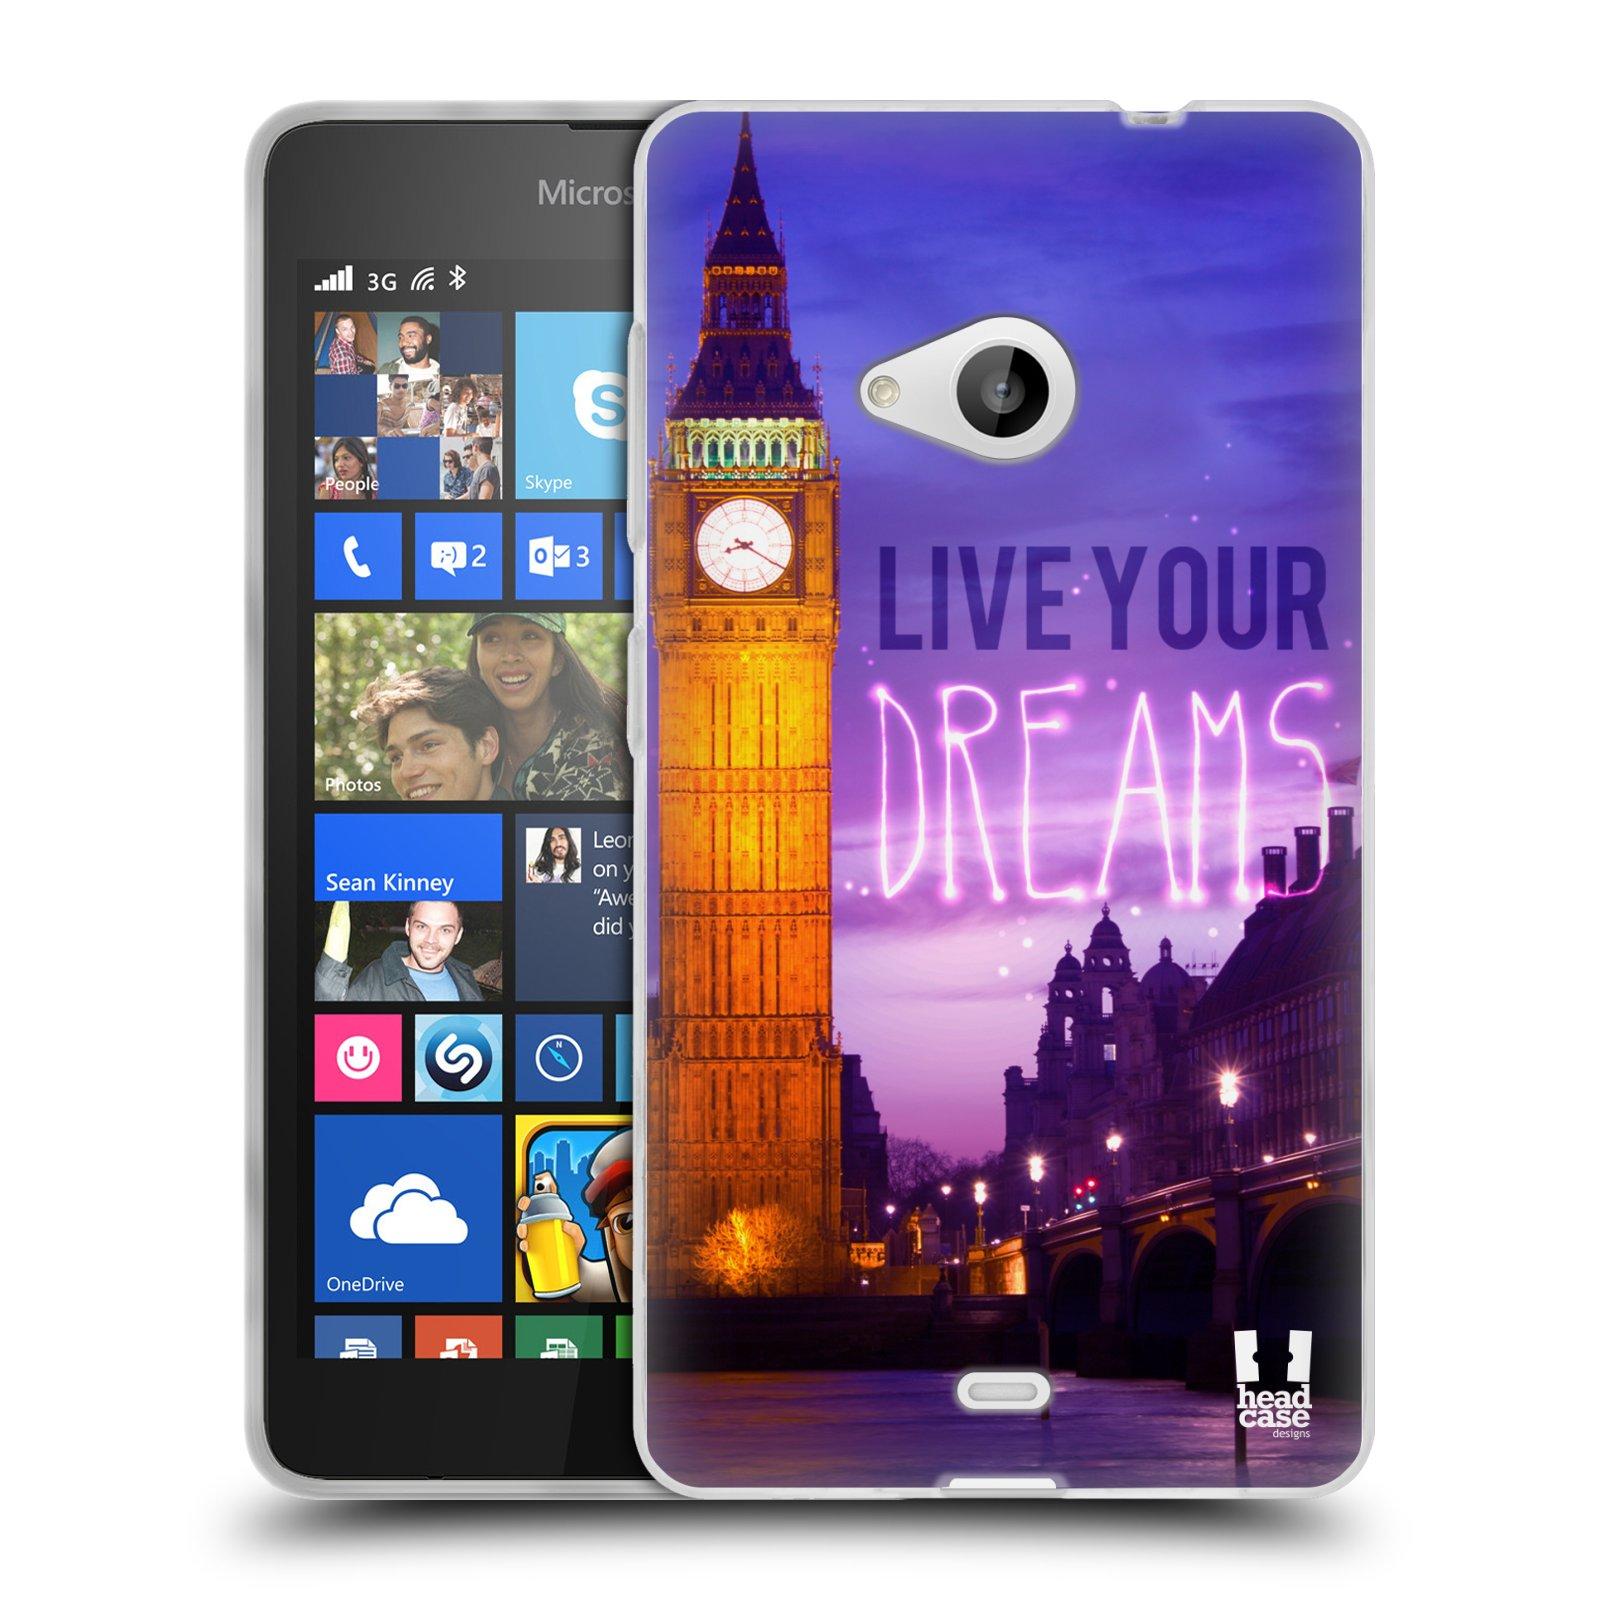 Silikonové pouzdro na mobil Microsoft Lumia 535 HEAD CASE DREAMS (Silikonový kryt či obal na mobilní telefon Microsoft Lumia 535)